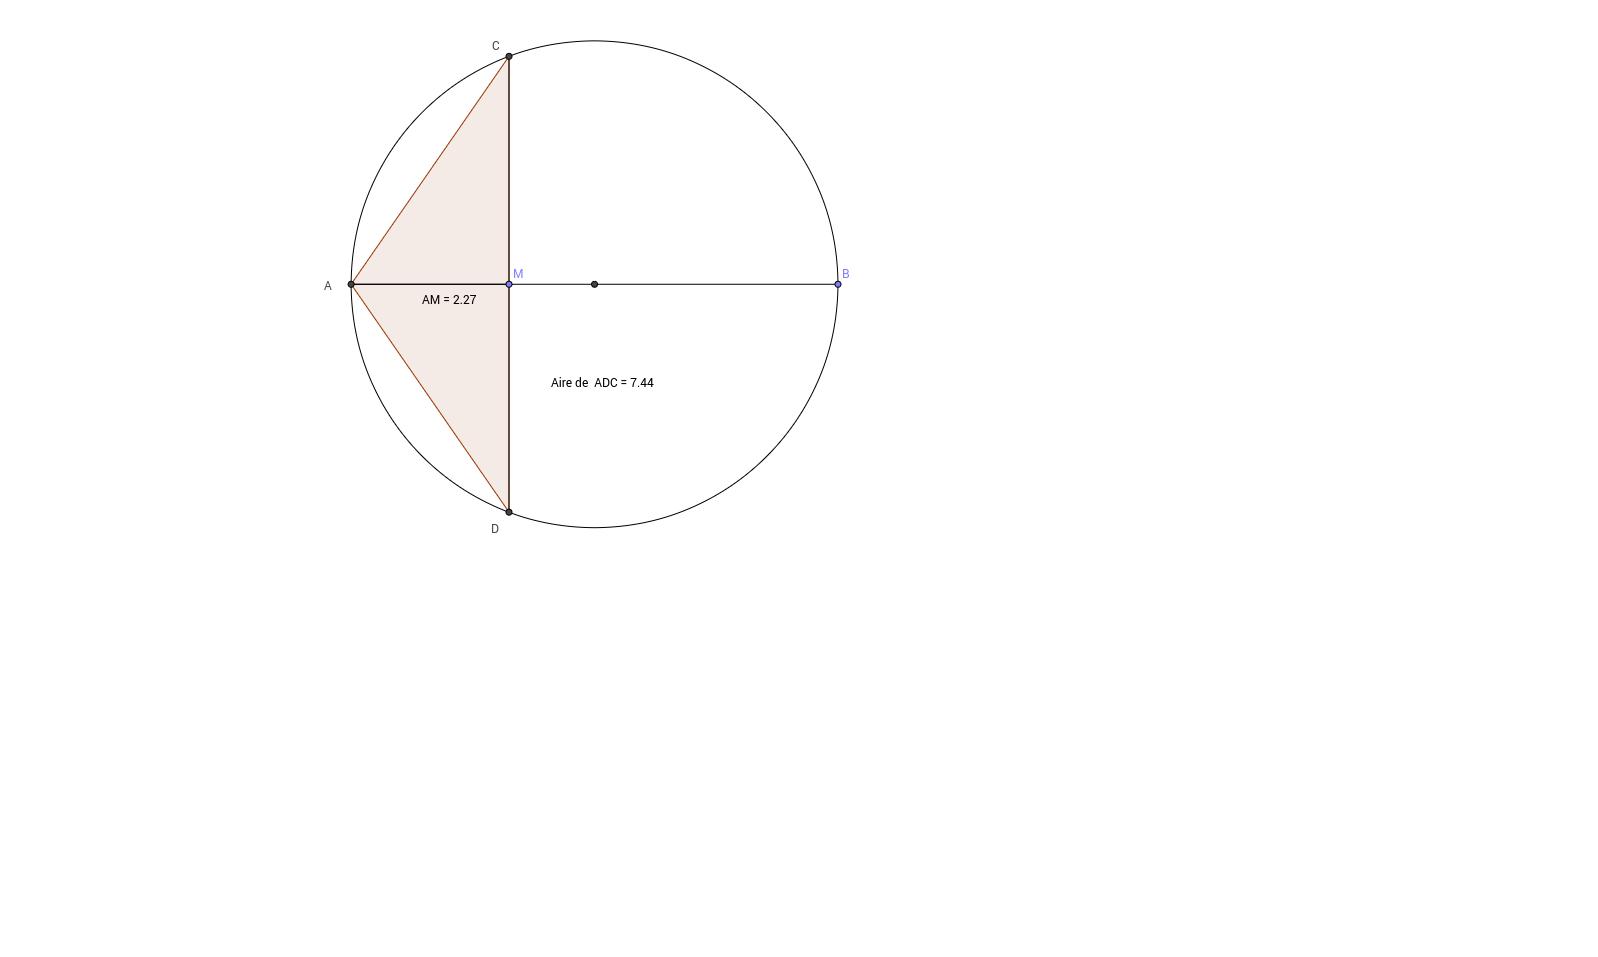 CH3 Fonctions et variations - AP2 p.56